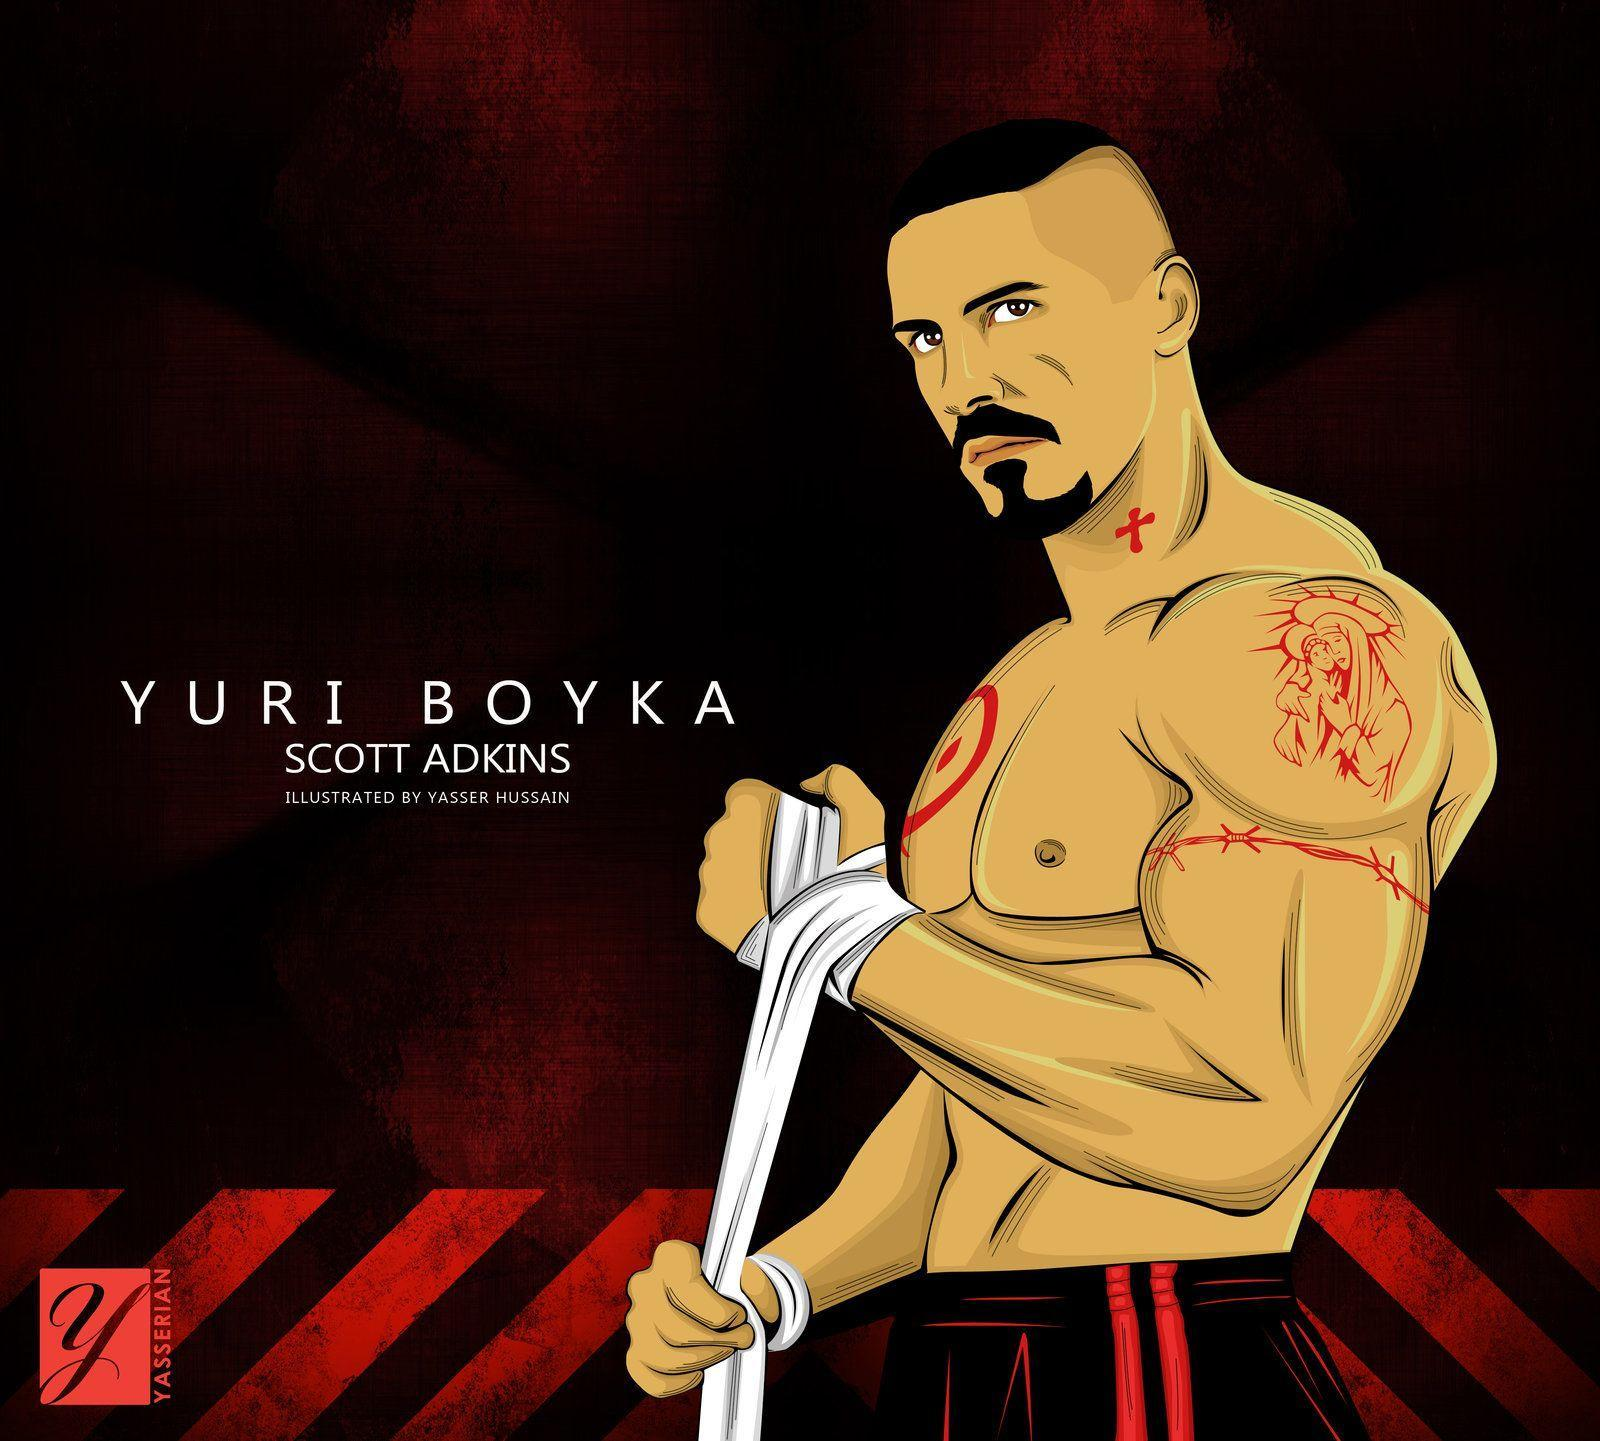 yuriboyka - DeviantArt